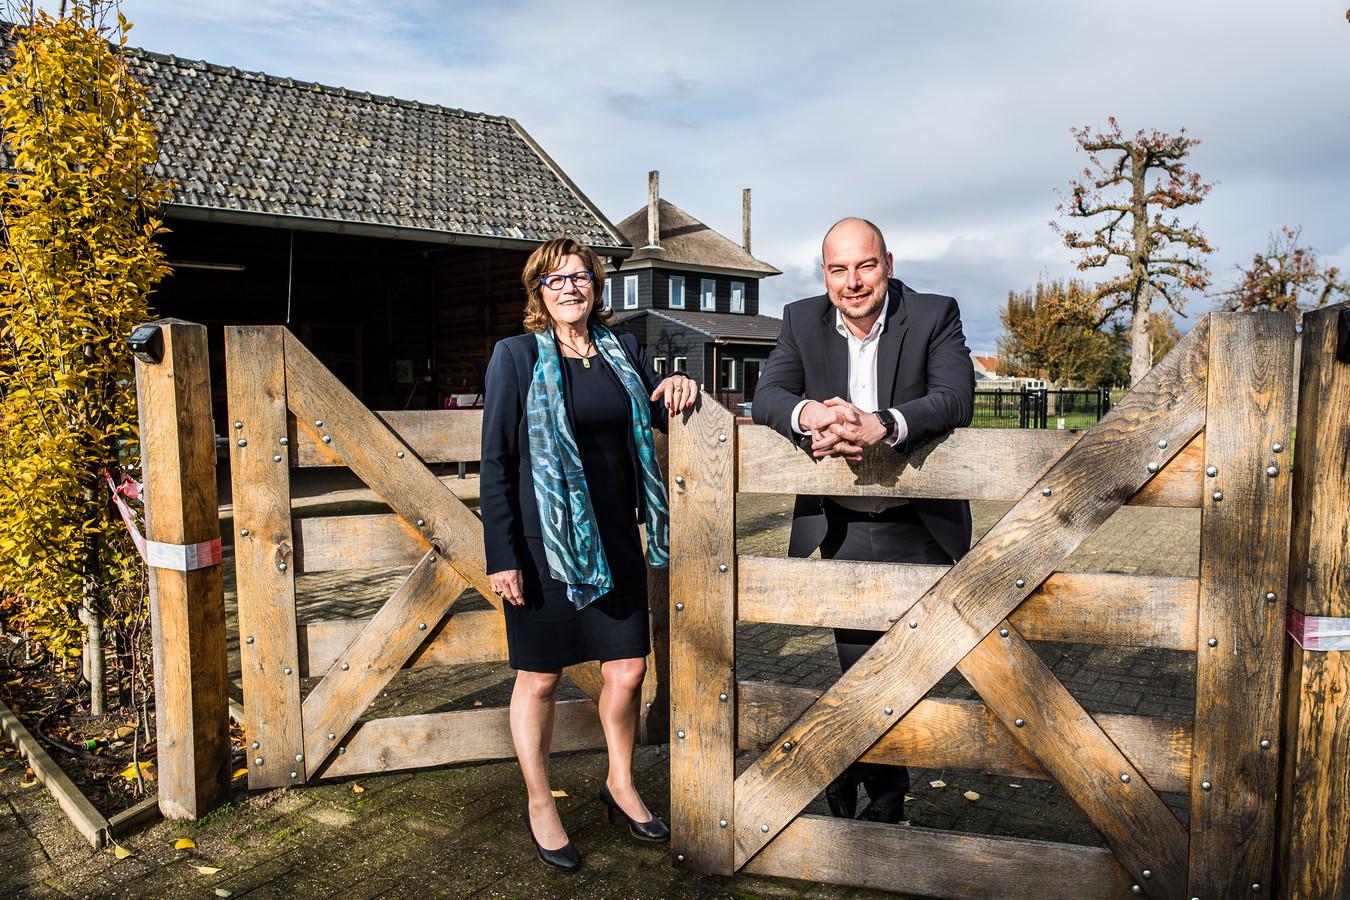 Thea Holtman en Alex Hesse bij De Boerderij in Gendt. Een van de locaties waar Albero zorg en dagbesteding biedt en de beide bestuurders ook kantoor houden.